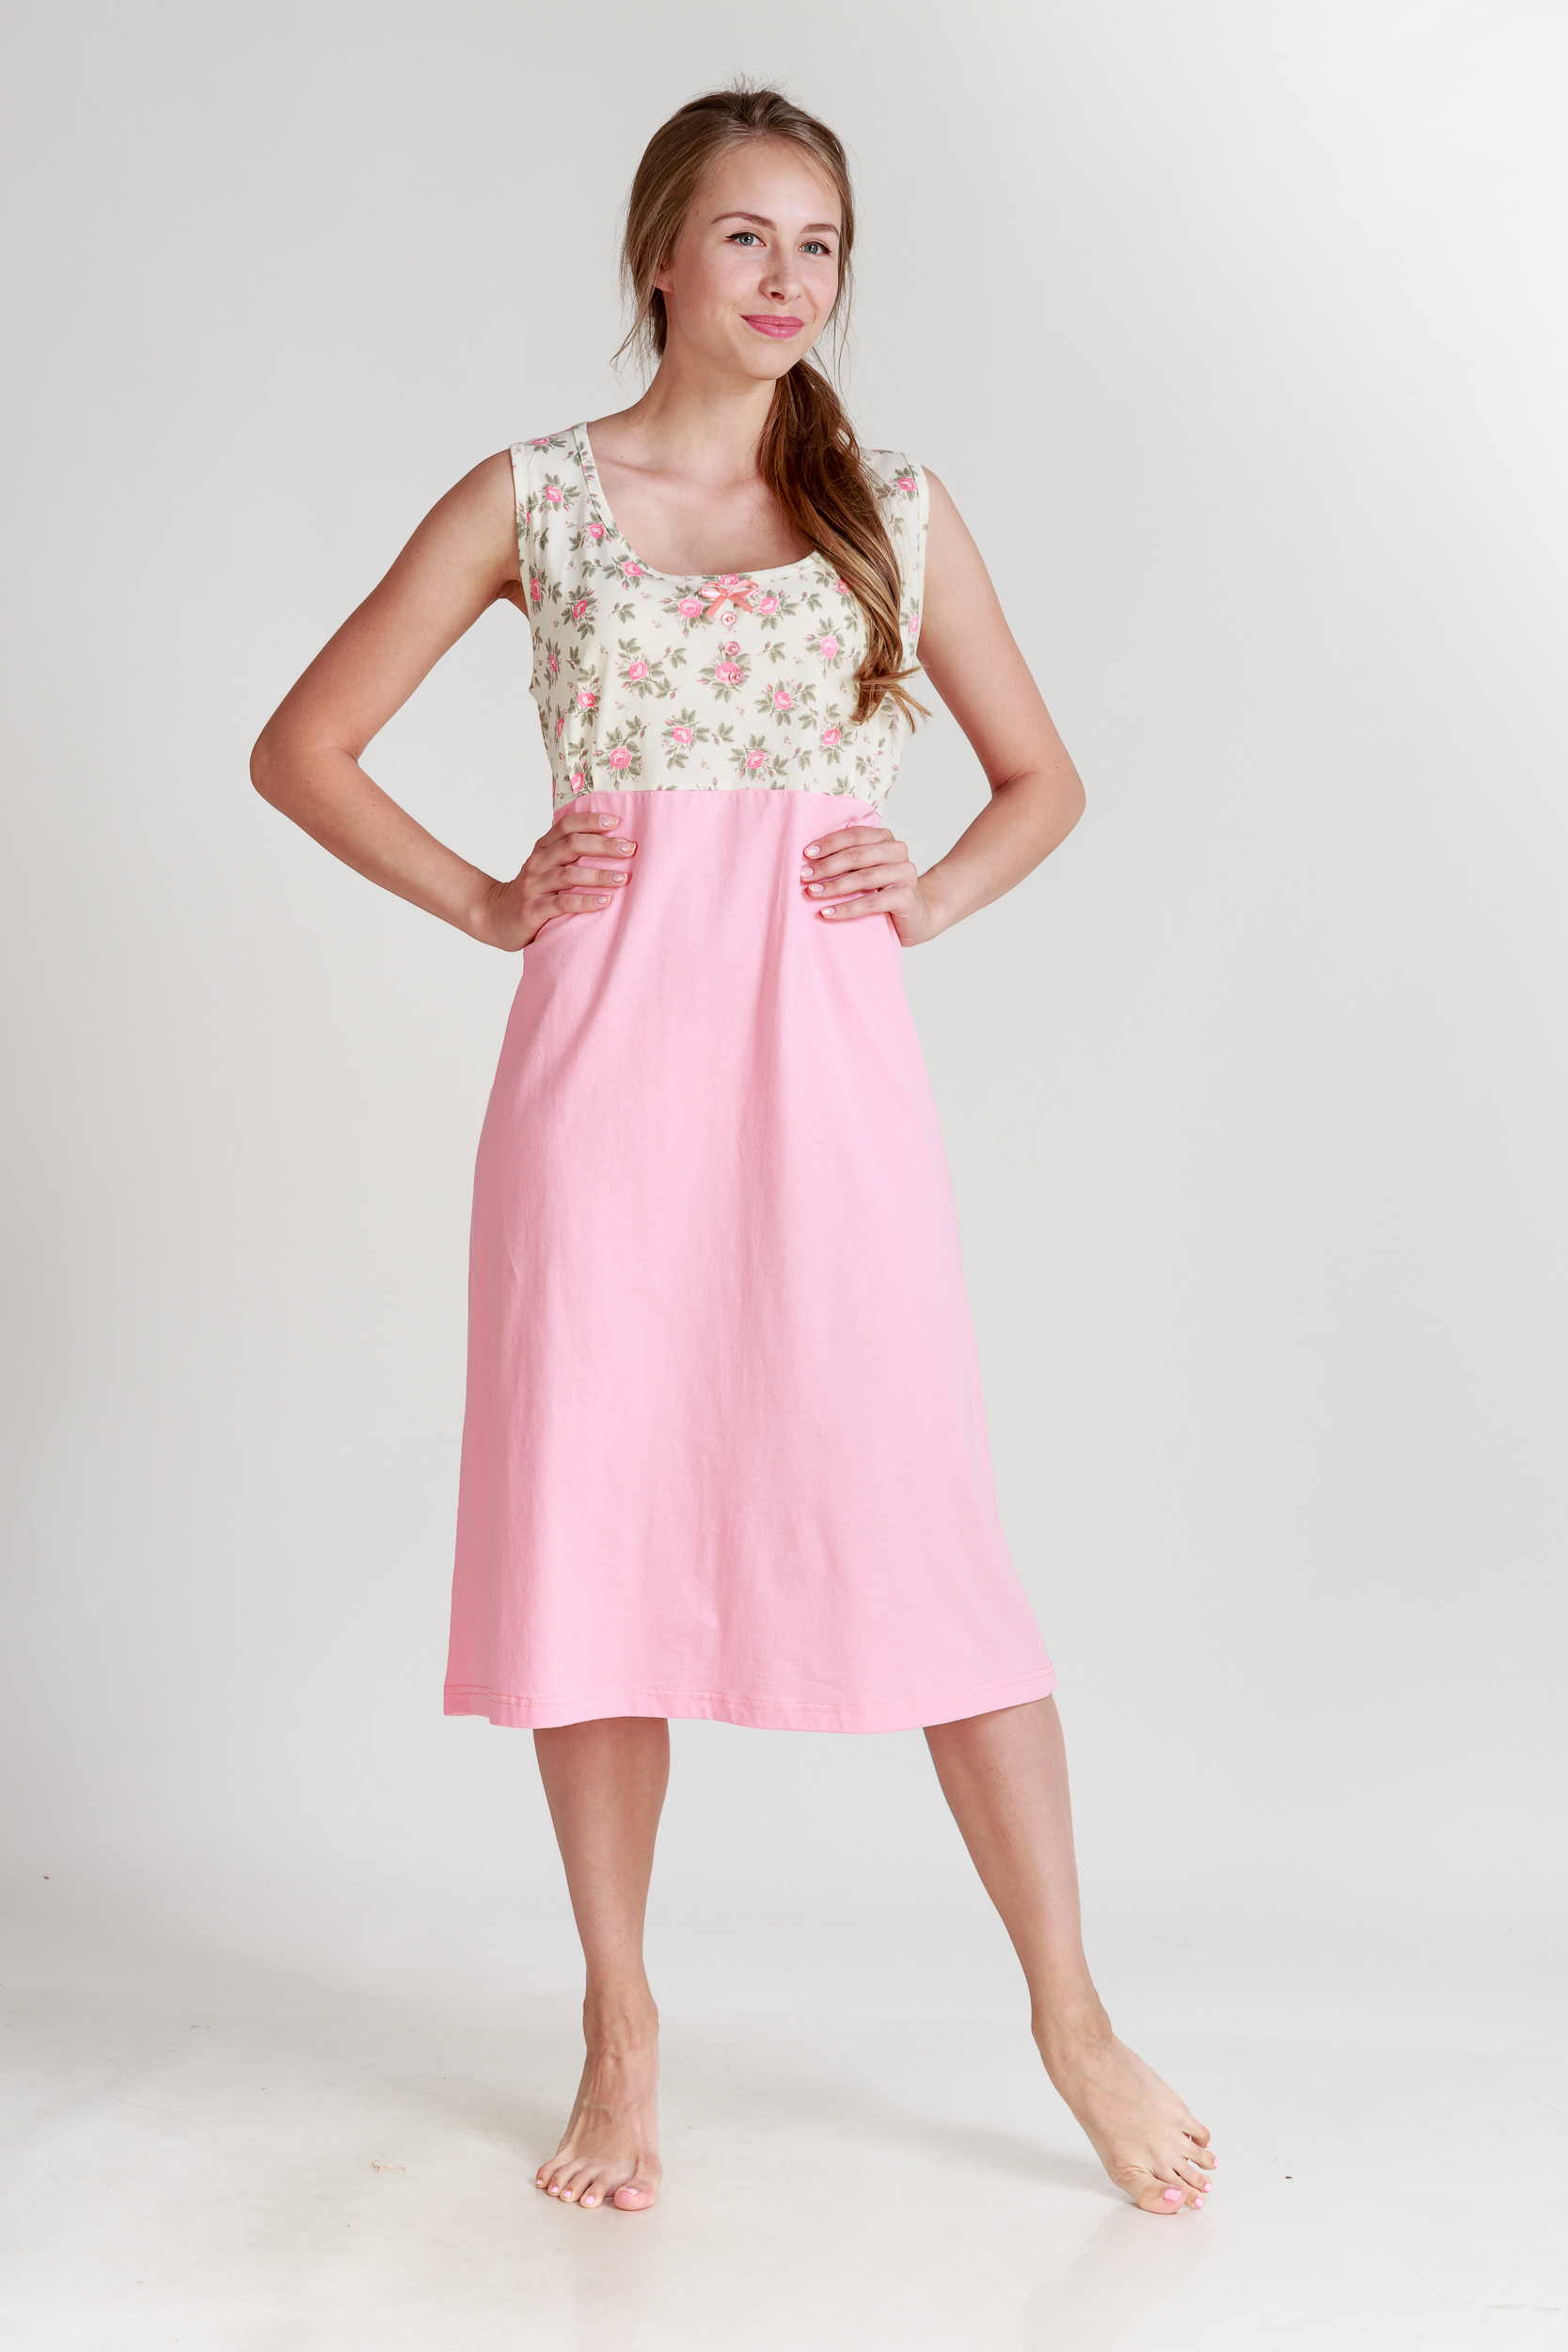 Ночные сорочки Pastilla Ночная сорочка Ваниль Цвет: Коралловый (xxL-xxxL) ночные сорочки hello moda ночная сорочка